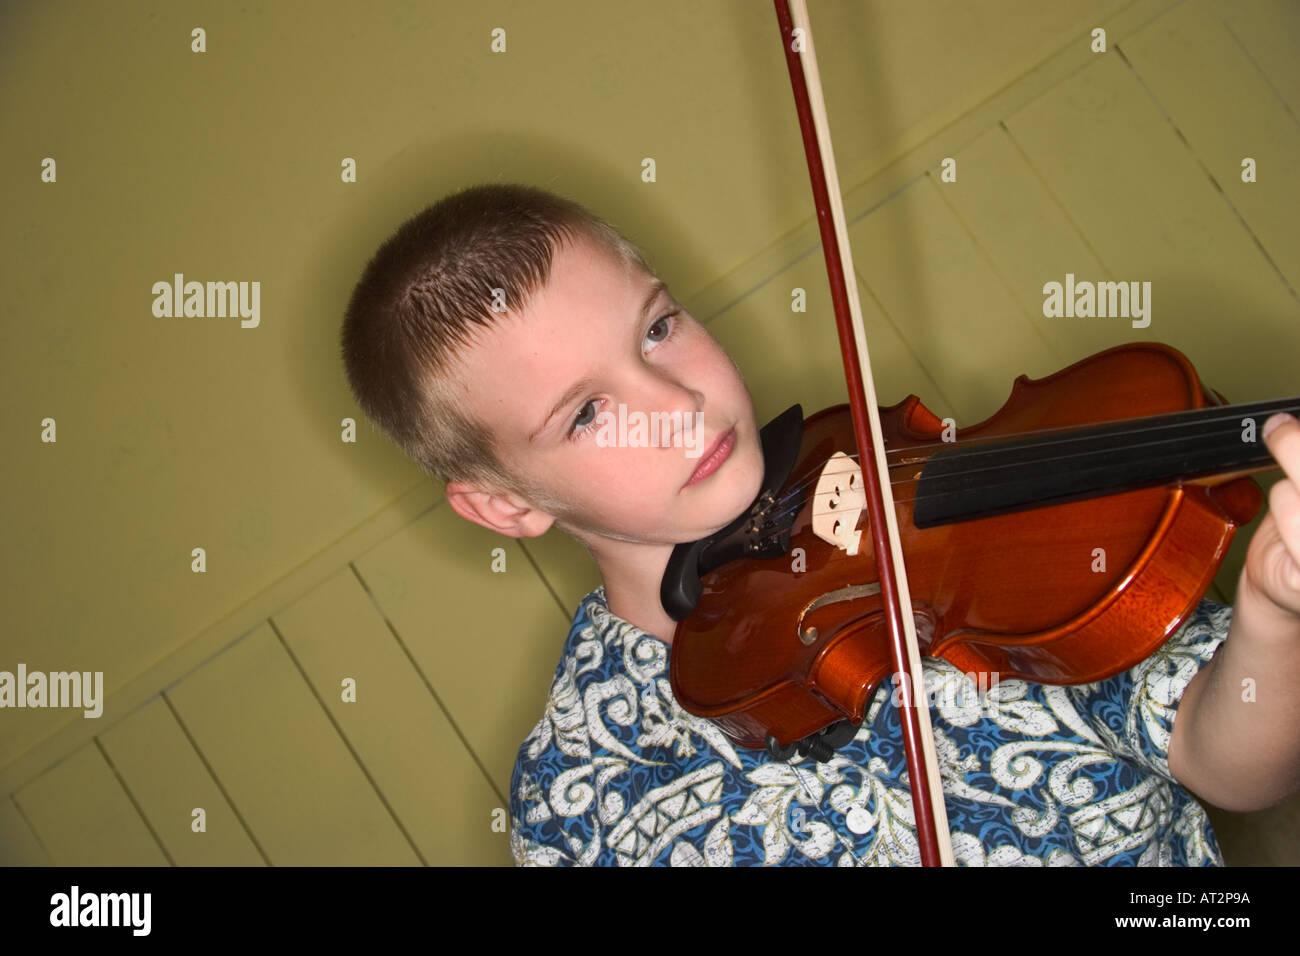 Kleiner Junge seine Geige üben Stockbild